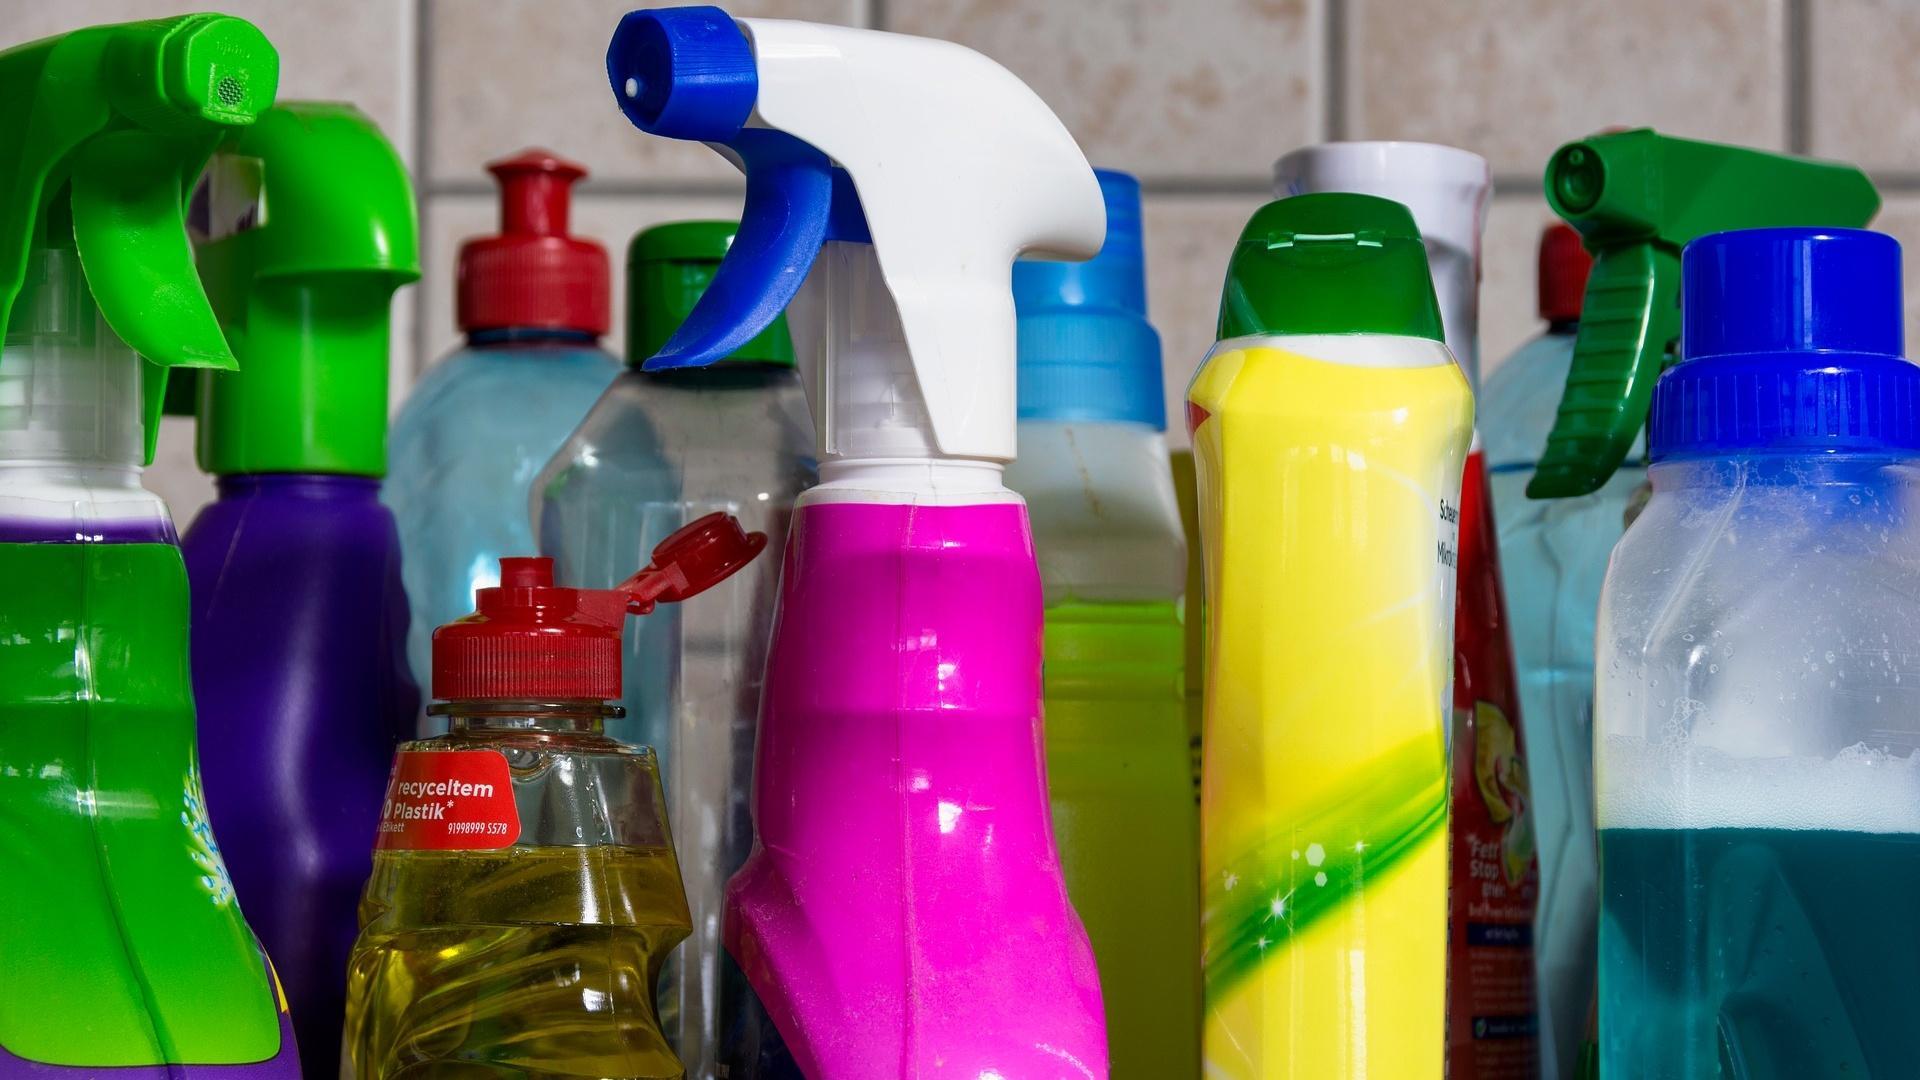 Um Ihre Spülmaschine zu pflegen, brauchen Sie keine teuren Spezialreiniger